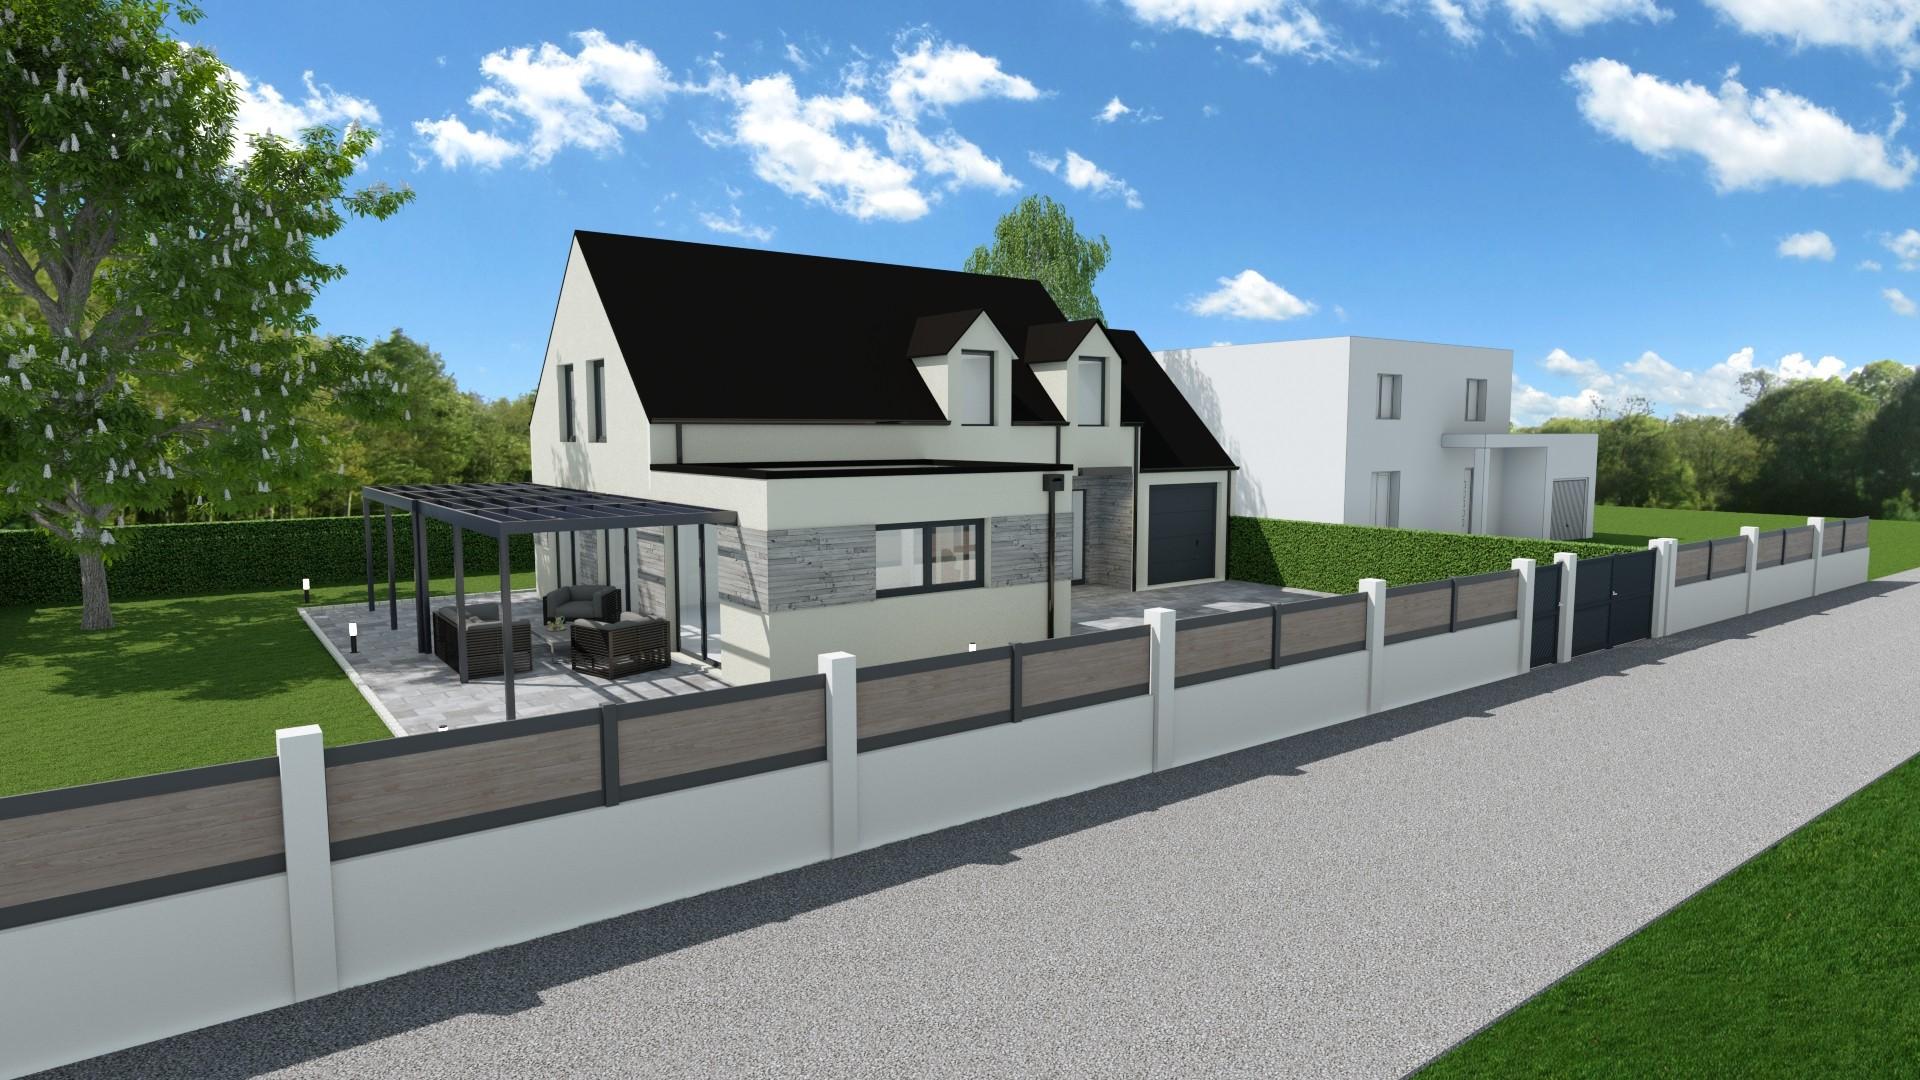 Terrains du constructeur MAISONS LOGELIS - Agence d Arpajon • 1200 m² • DAMPIERRE EN YVELINES